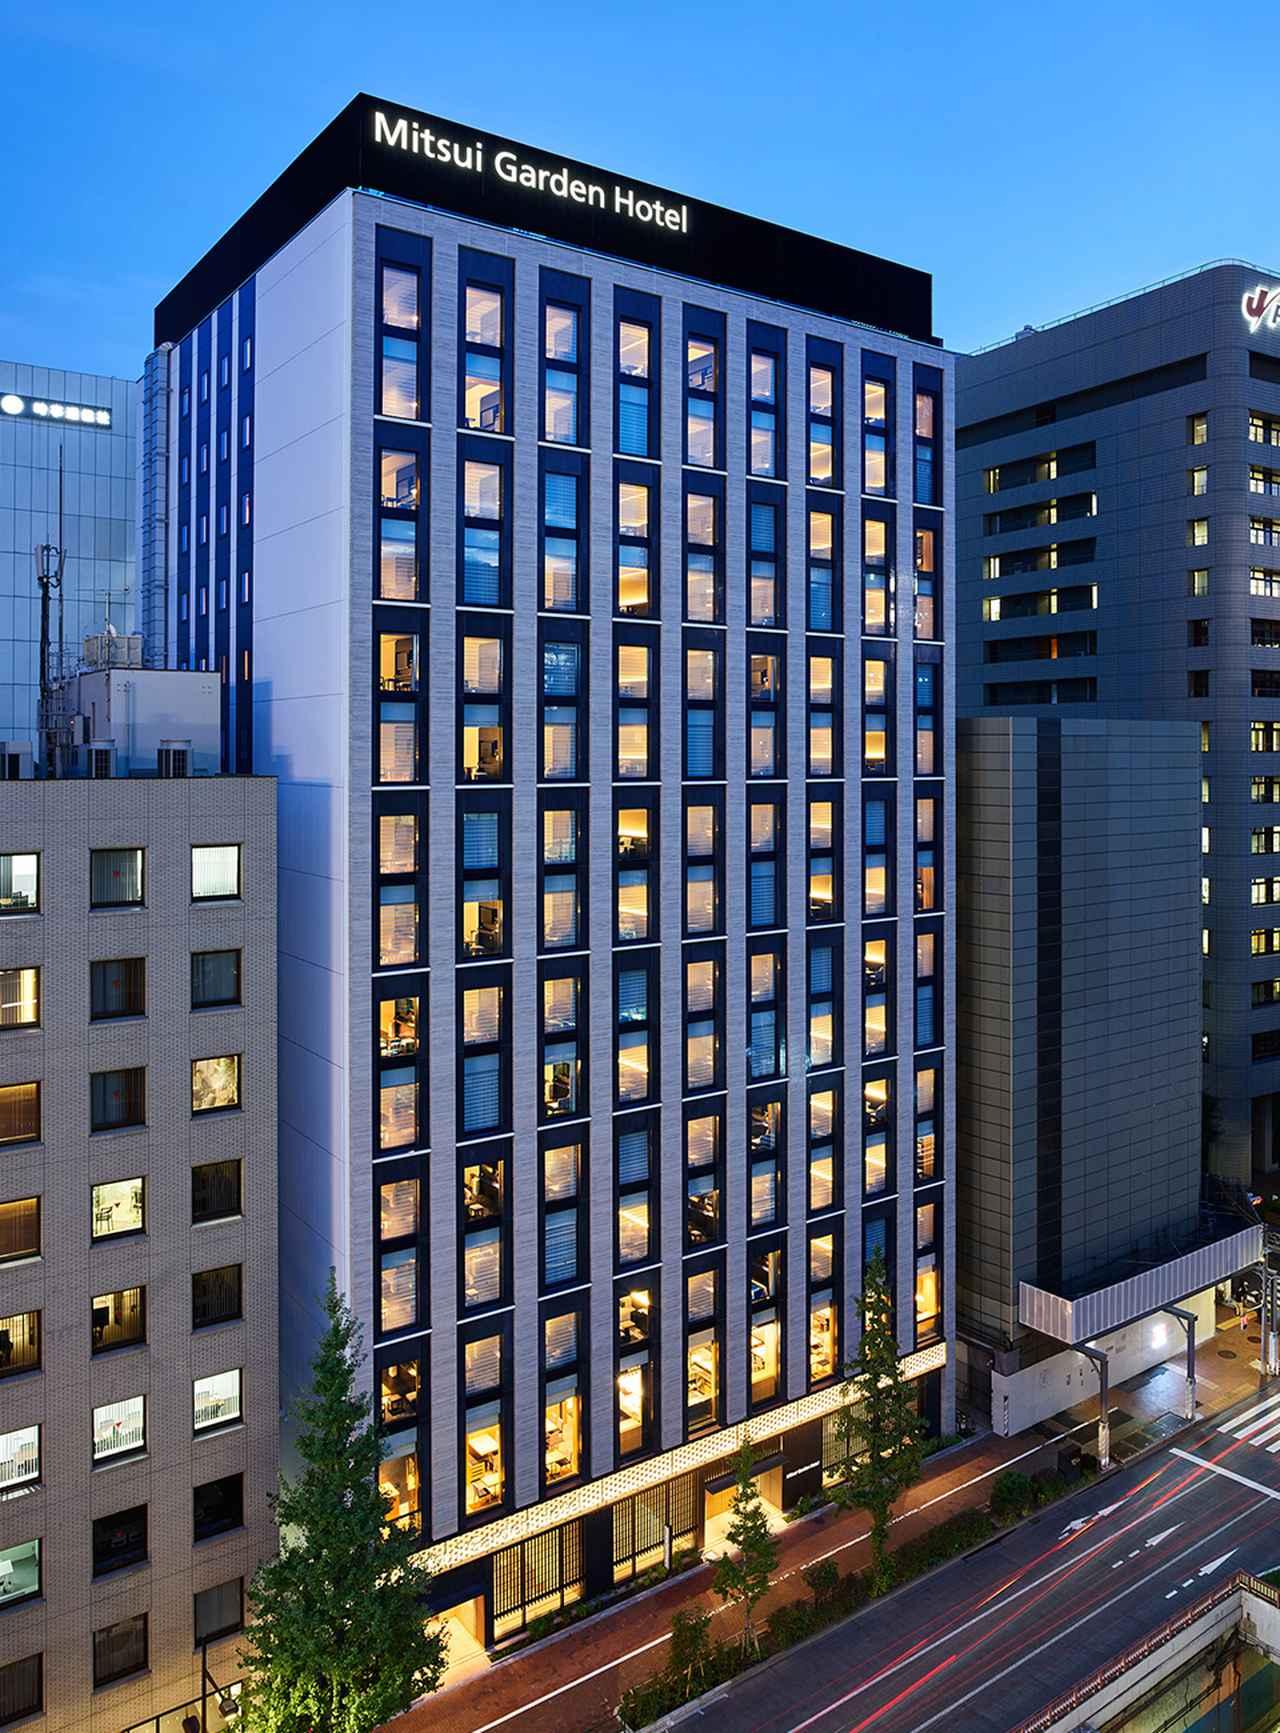 Images : ホテルの全景